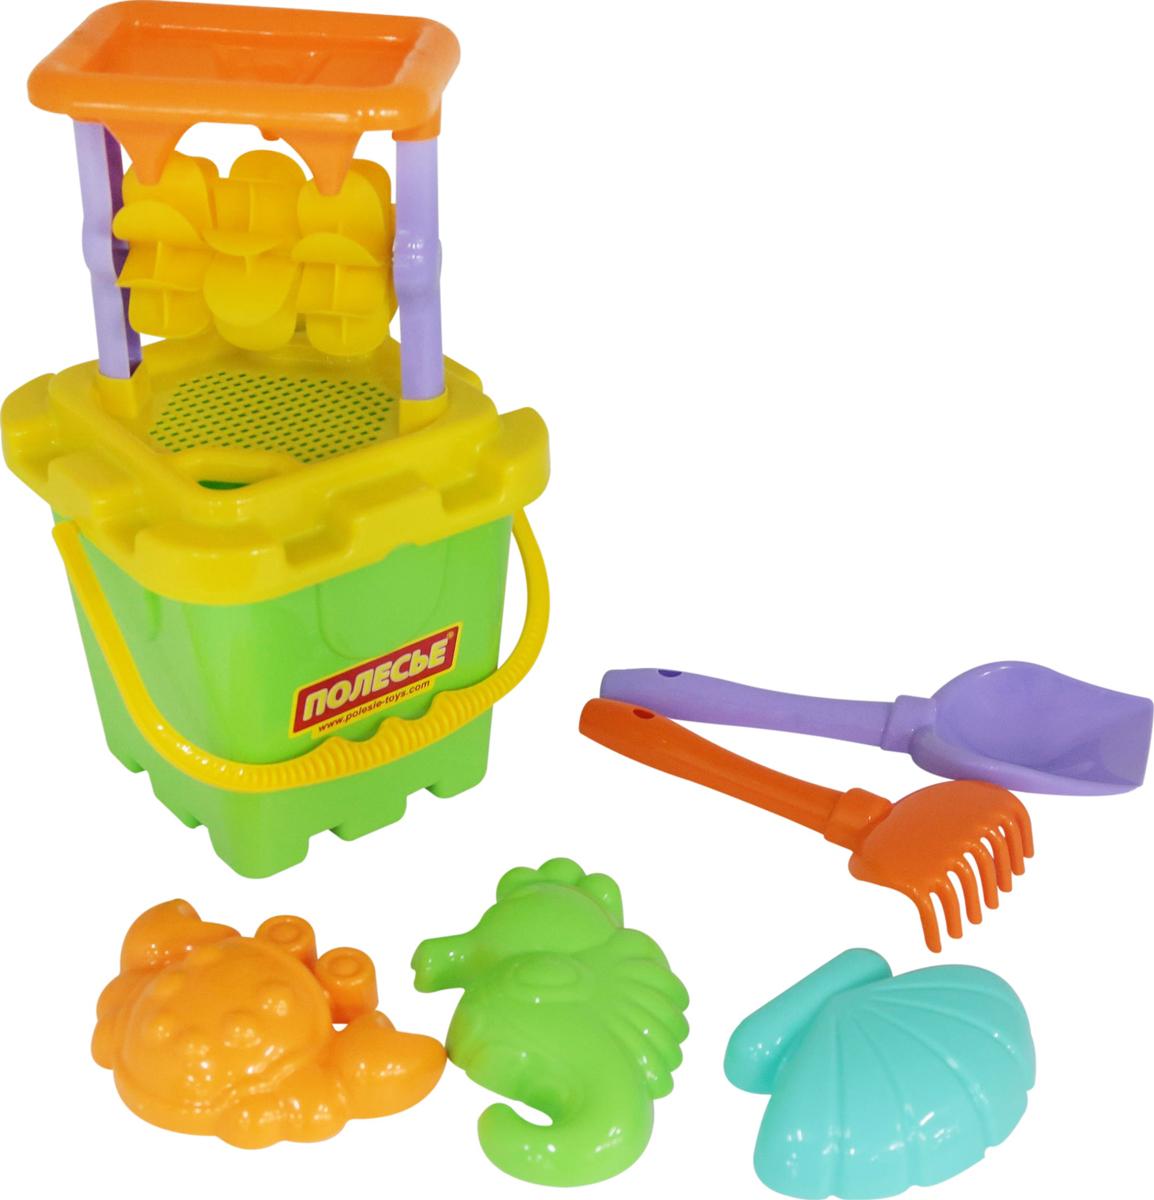 Полесье Набор игрушек для песочницы №283 полесье набор для песочницы 406